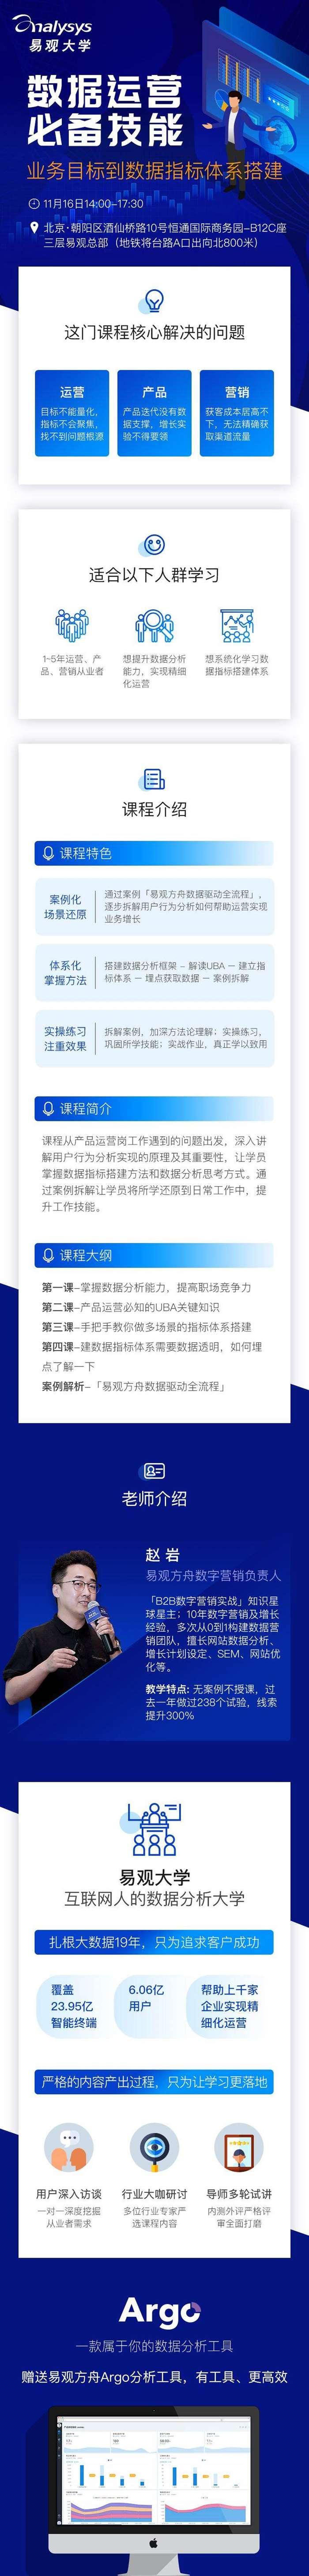 易观大学-20191116赵岩-长图.jpg